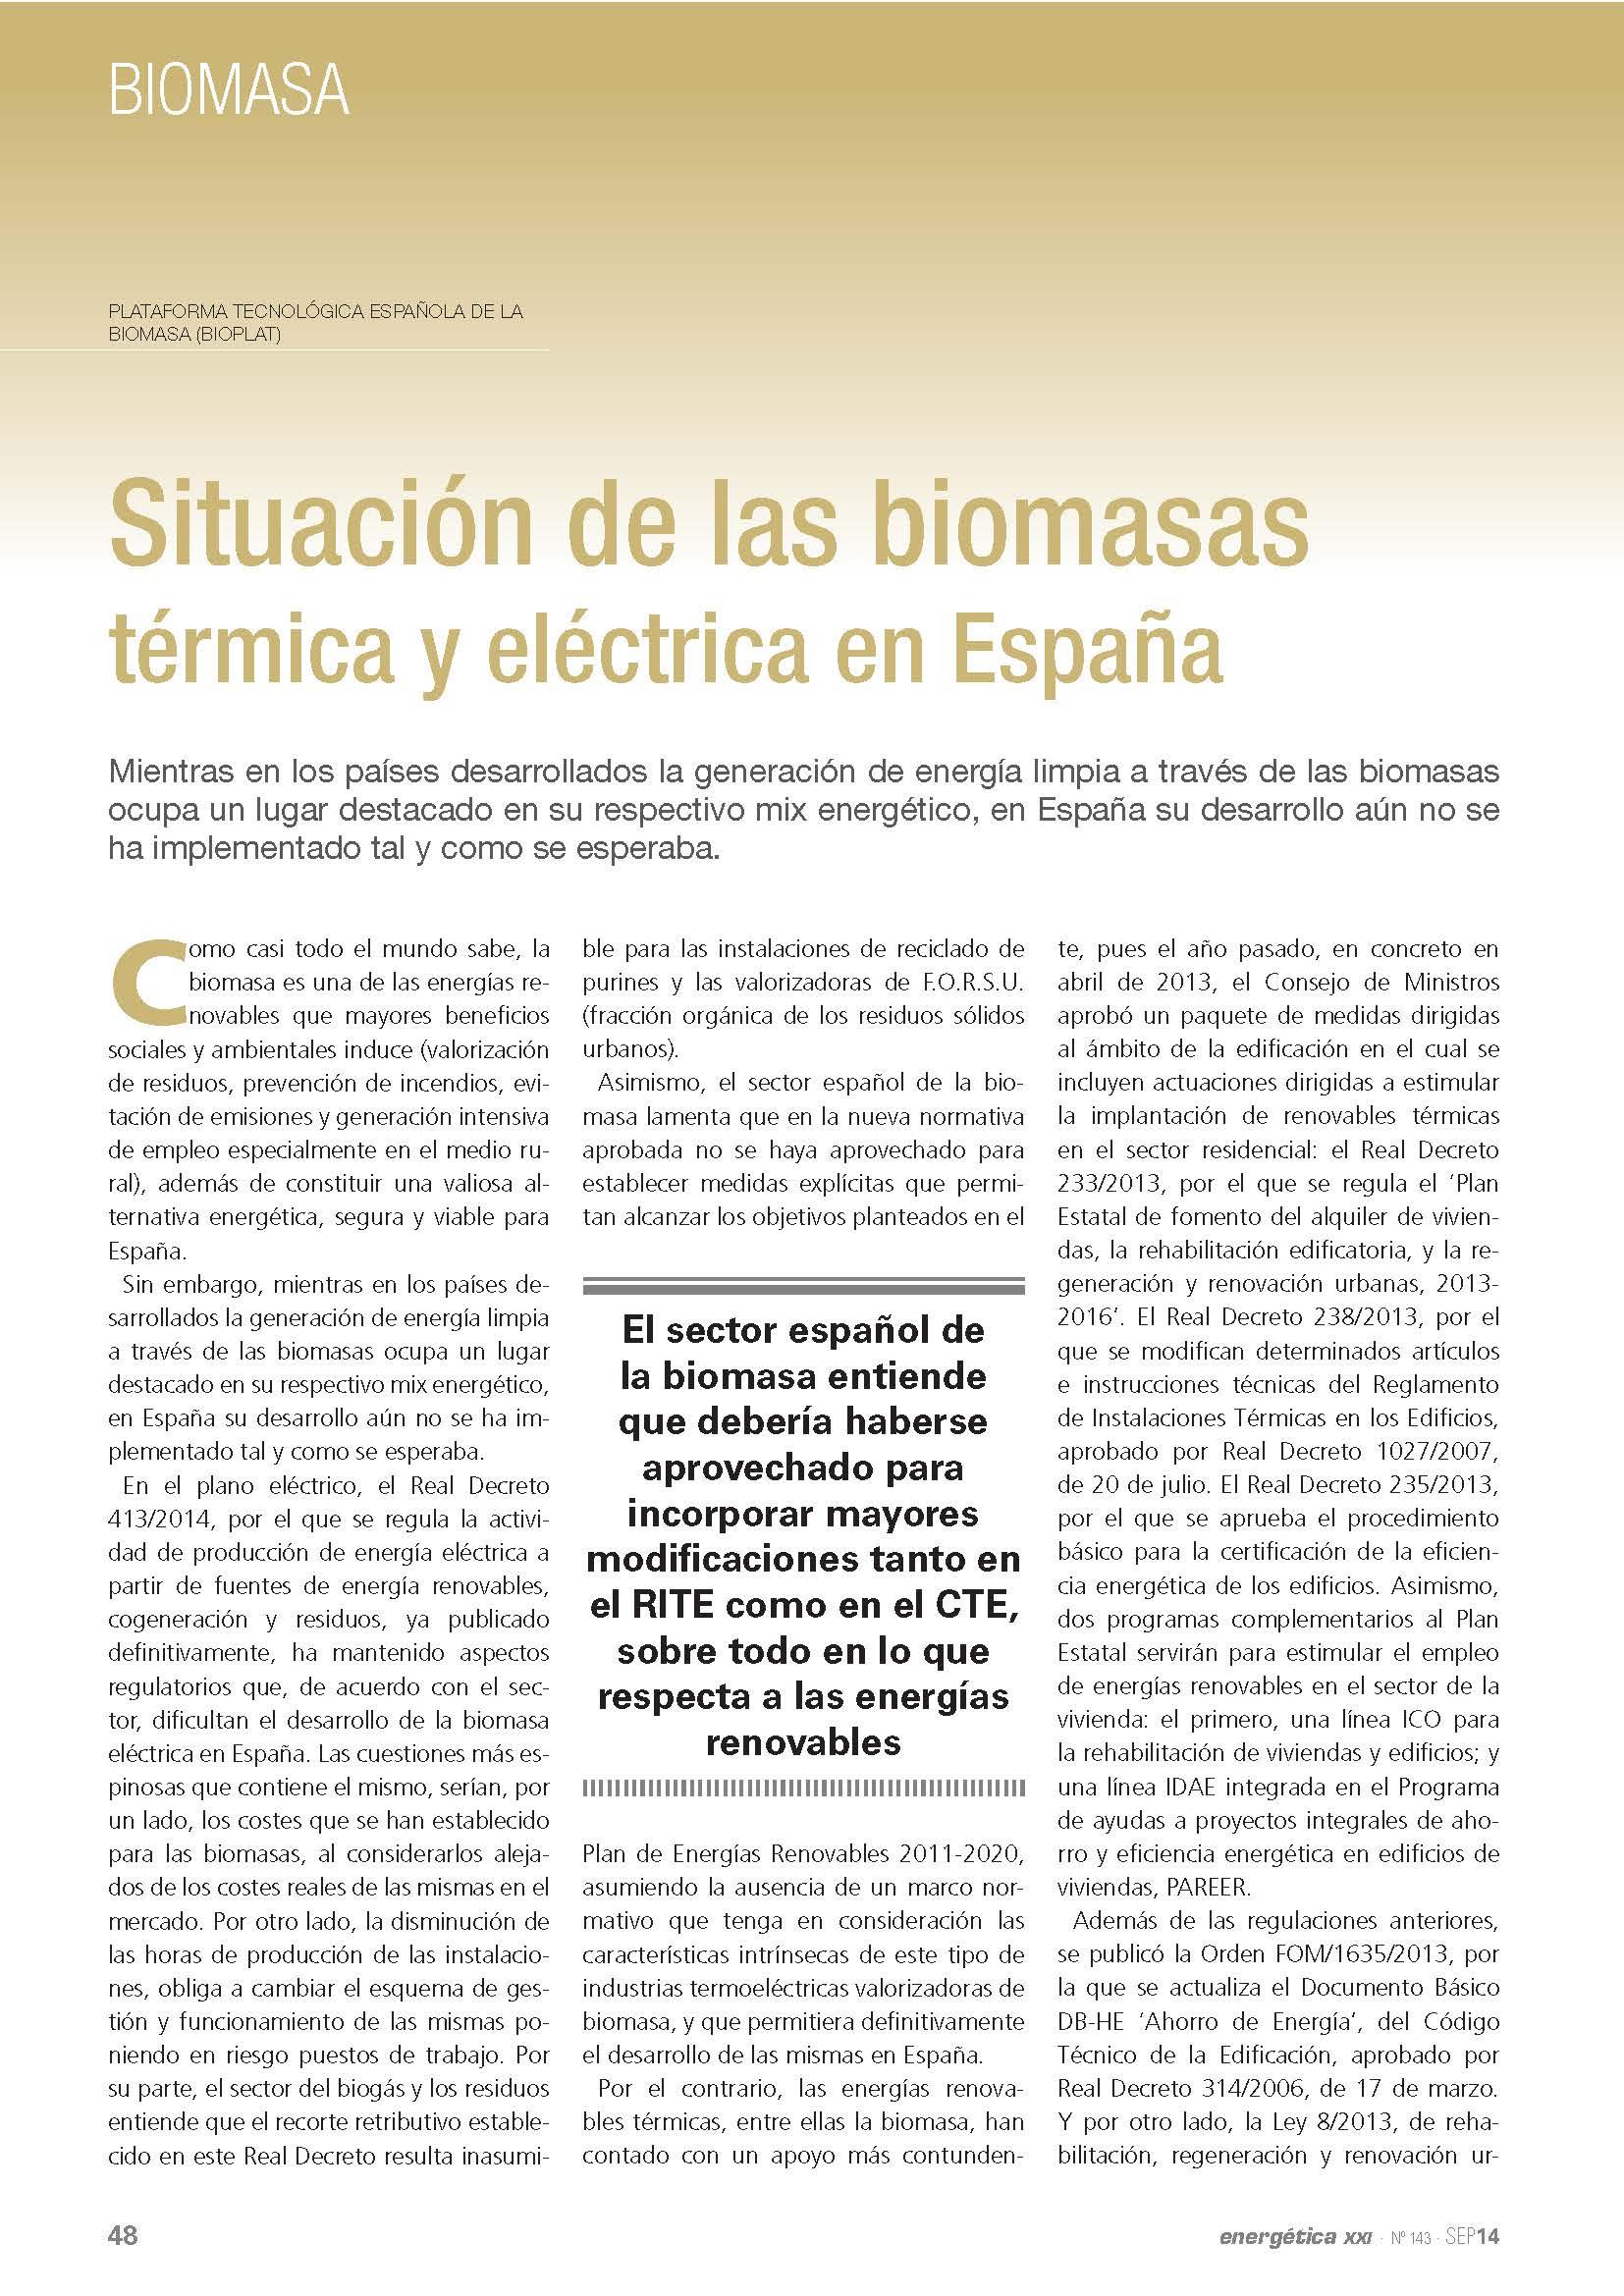 Situación de las biomasas térmica y eléctrica en España